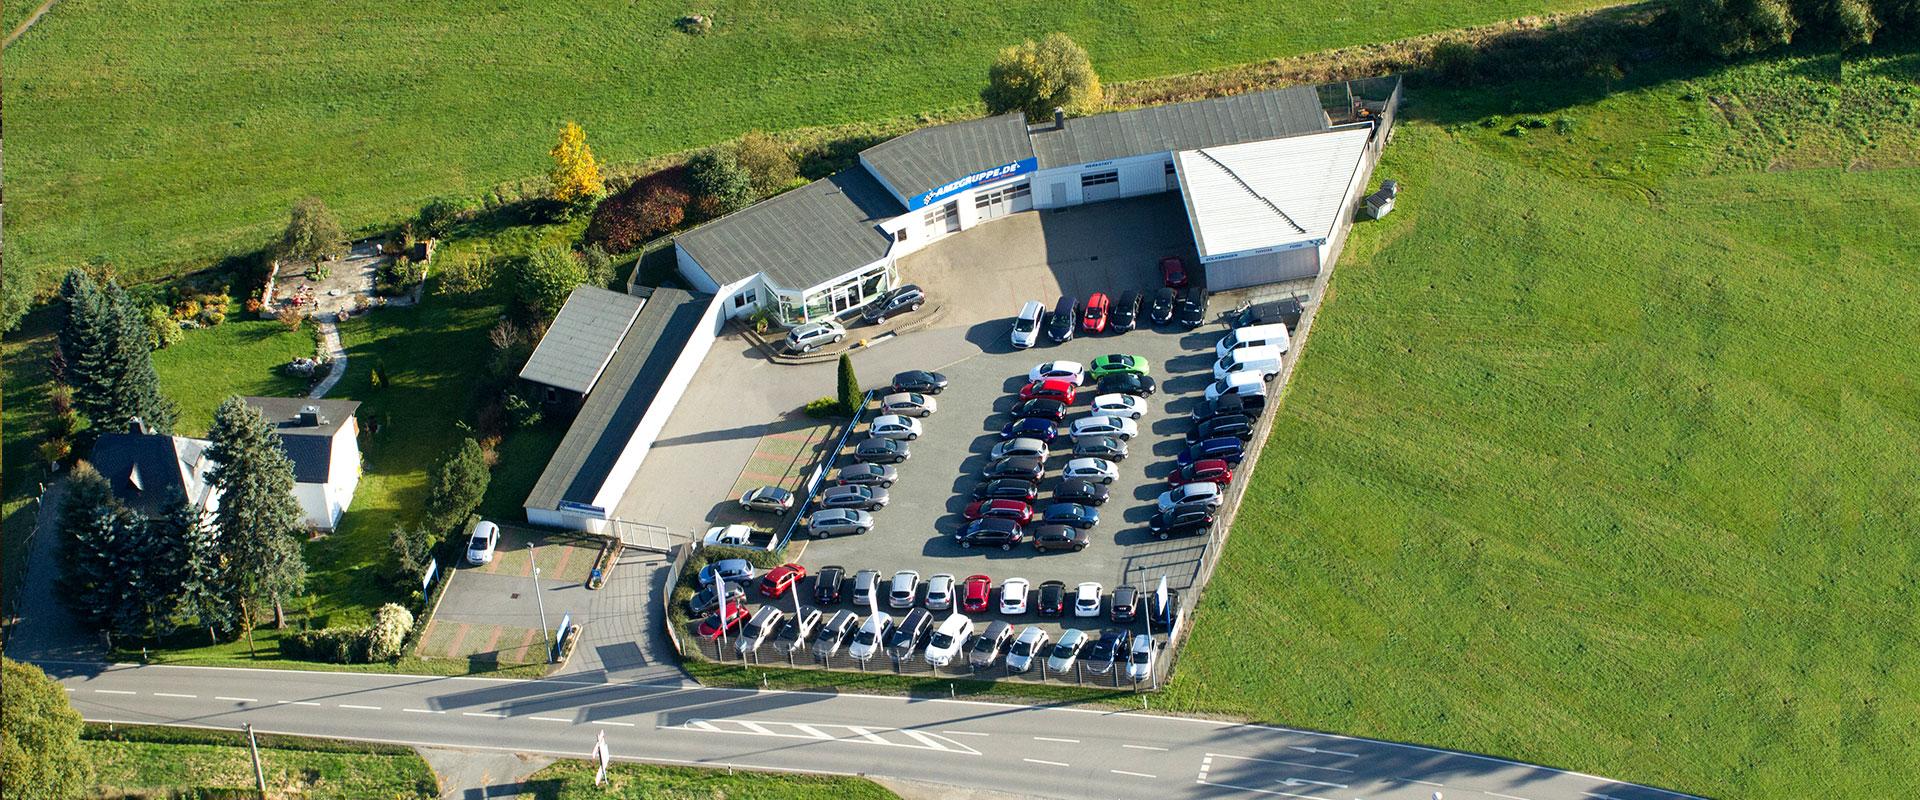 AMZGruppe-Thalheim-Autohaus Pfüller-Standorte